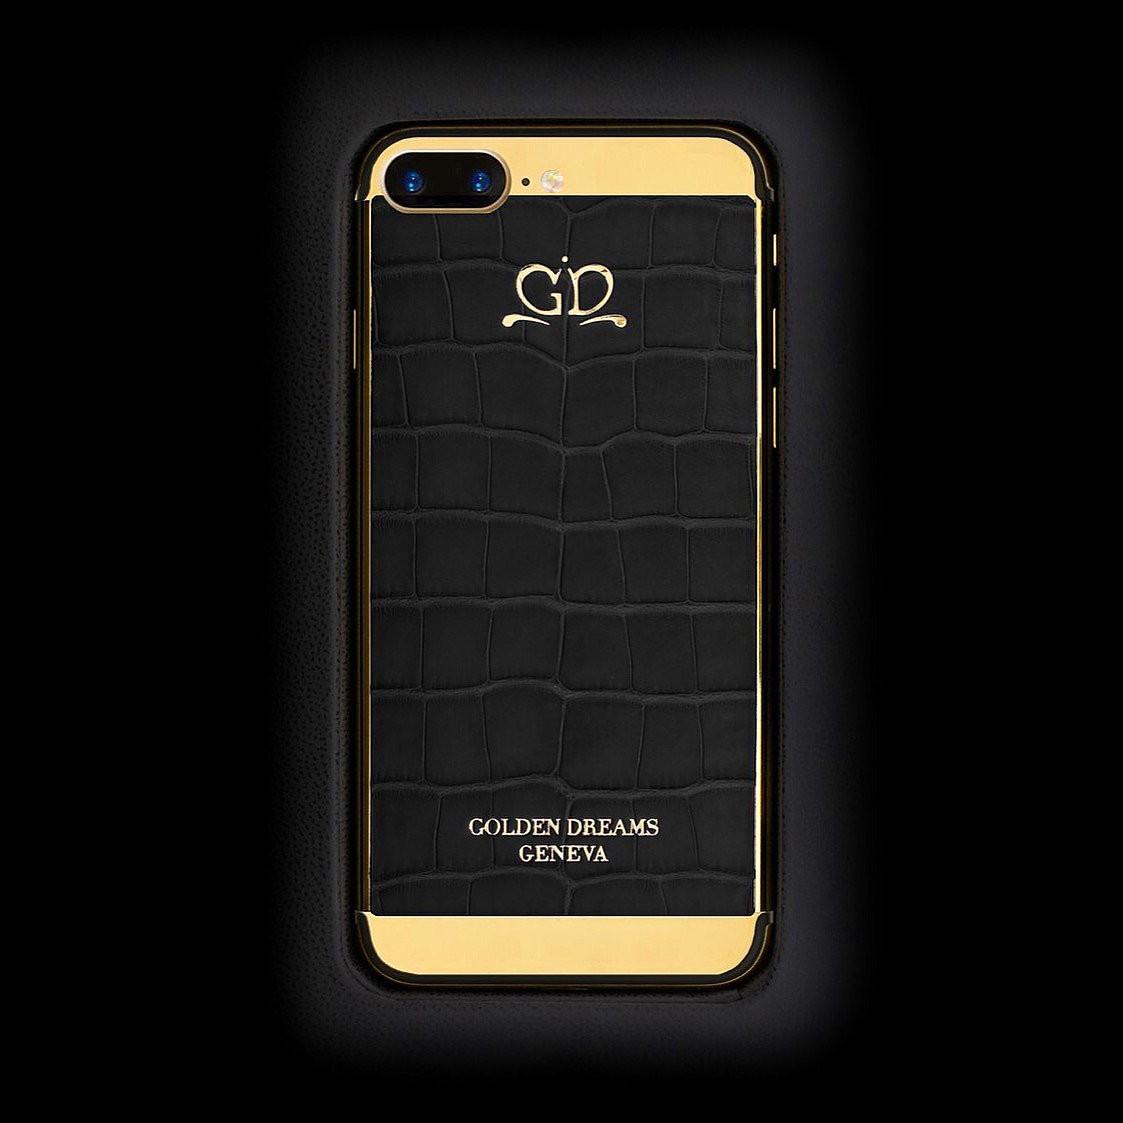 Американцы придумали новые варианты дизайна iPhone X (фото)